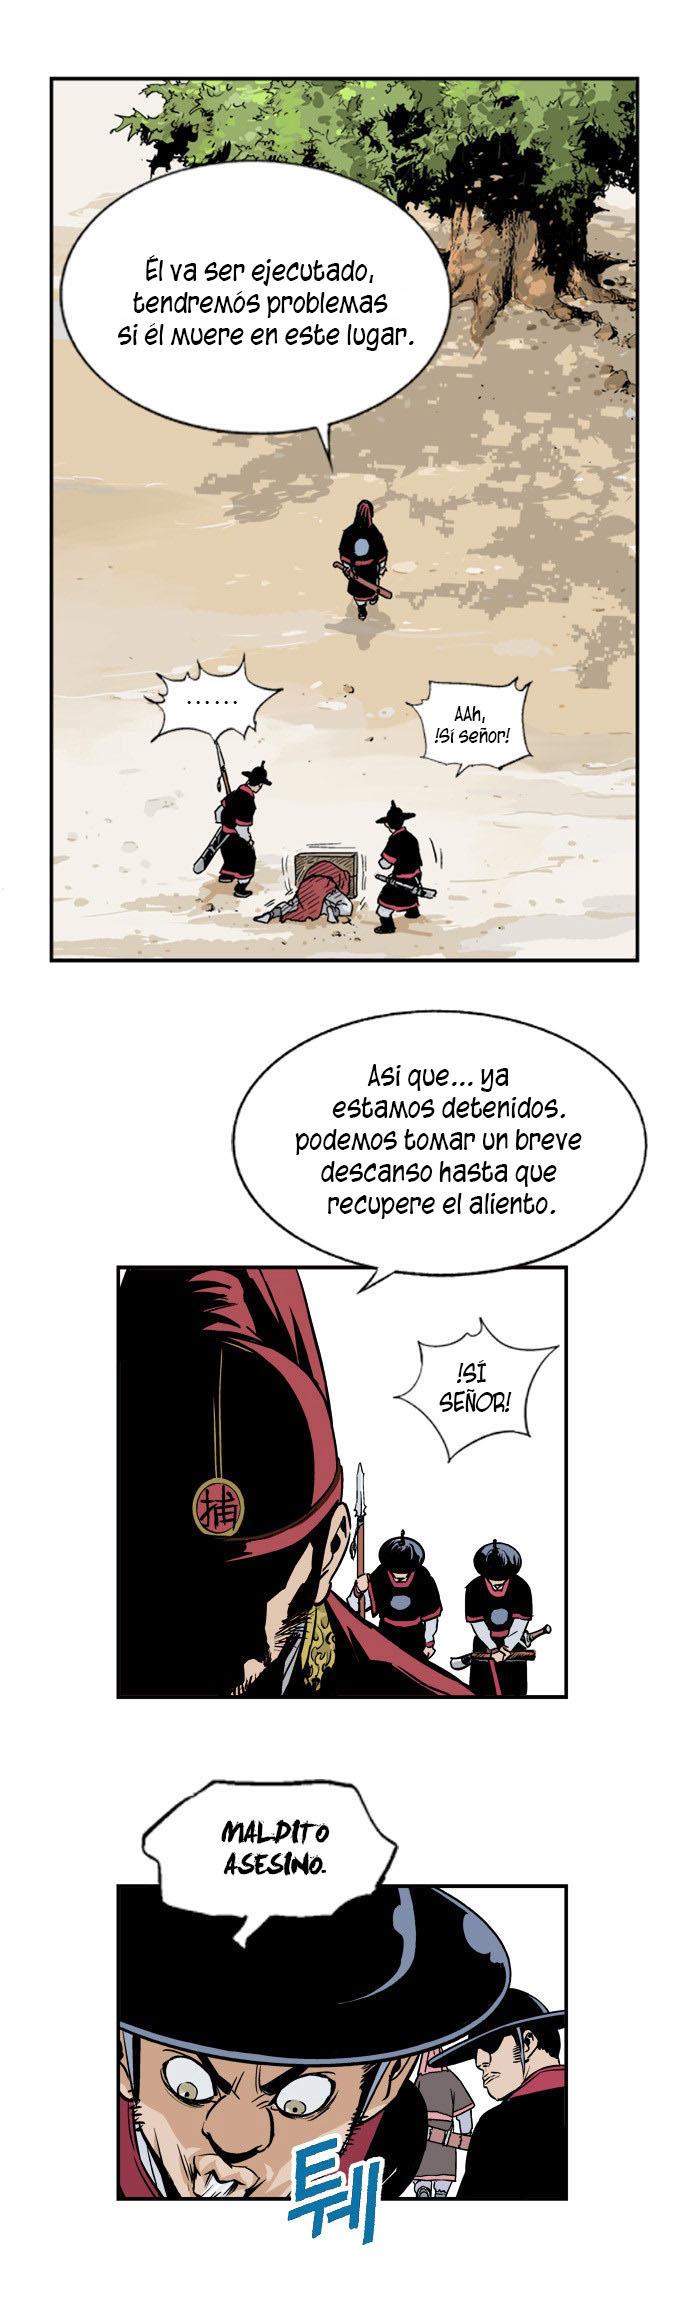 https://c5.ninemanga.com/es_manga/9/18249/432440/3bbb55bc5148f3def11dae1432bf7321.jpg Page 7